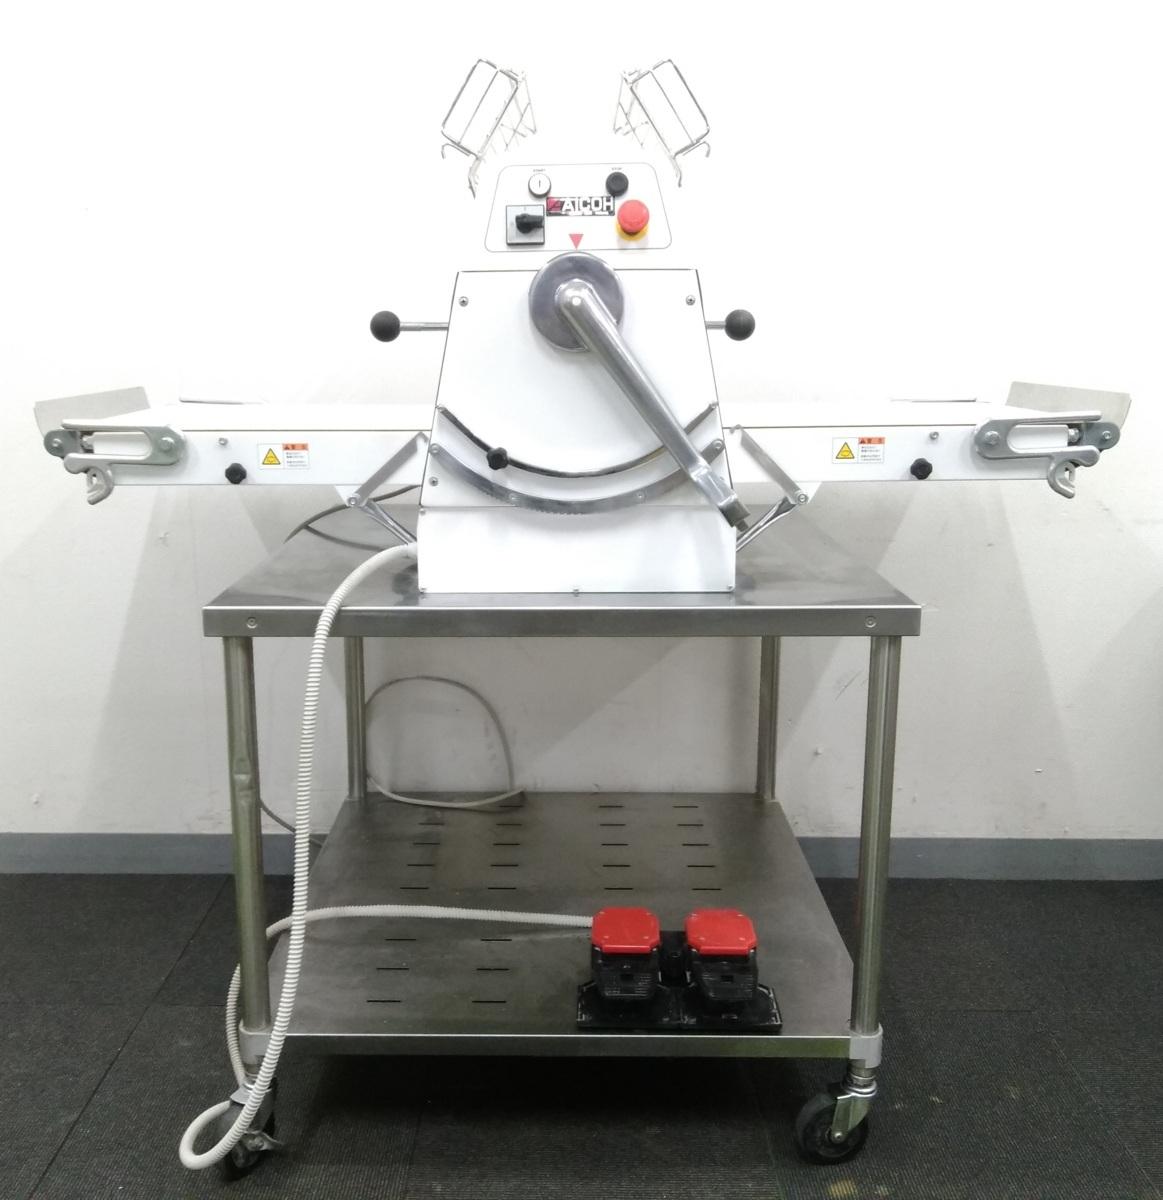 愛工舎製作所のスーパーシーター「SFB500」